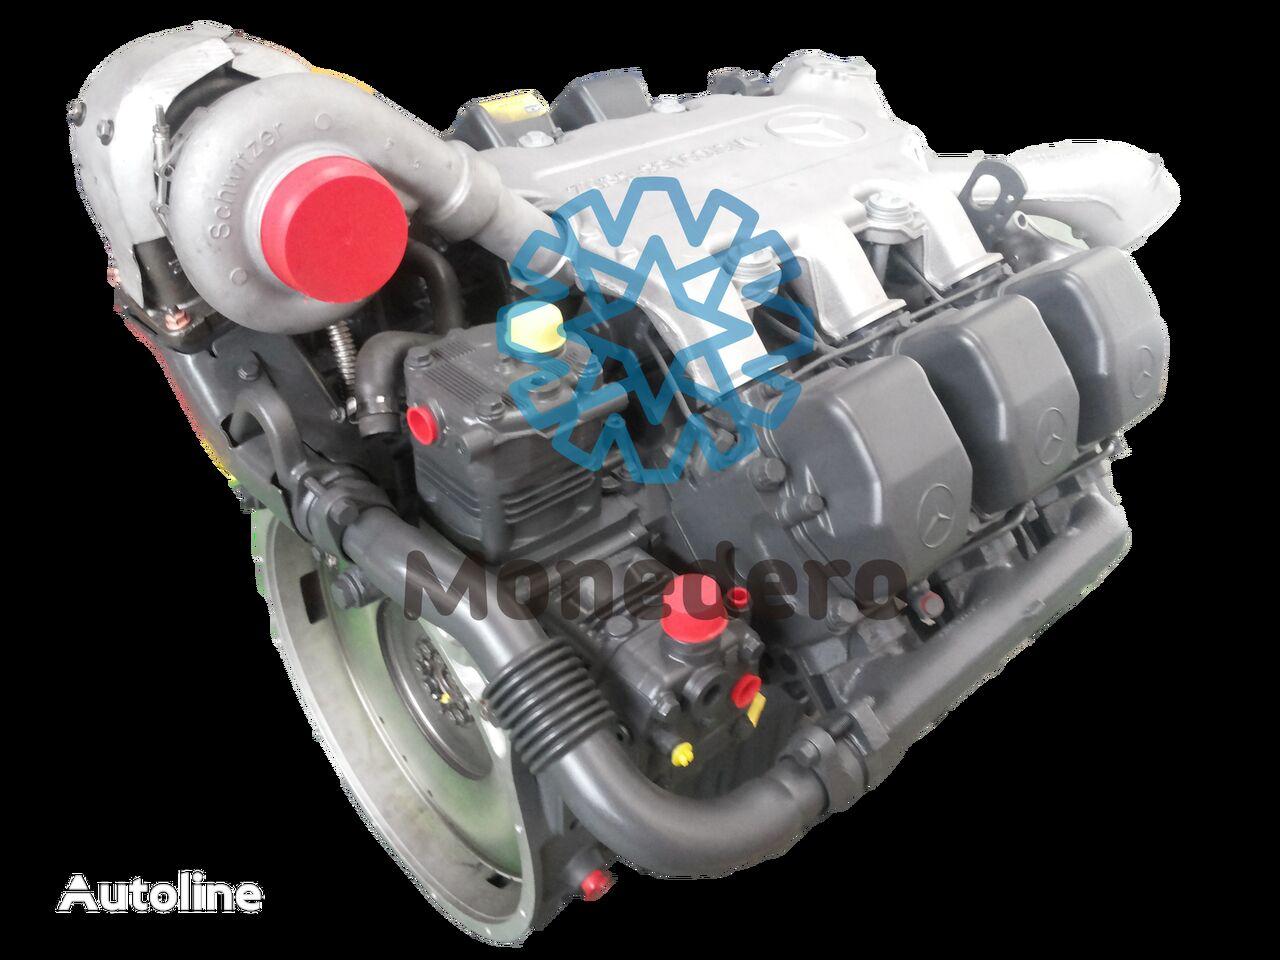 MERCEDES-BENZ OM 501 LA motor para camión